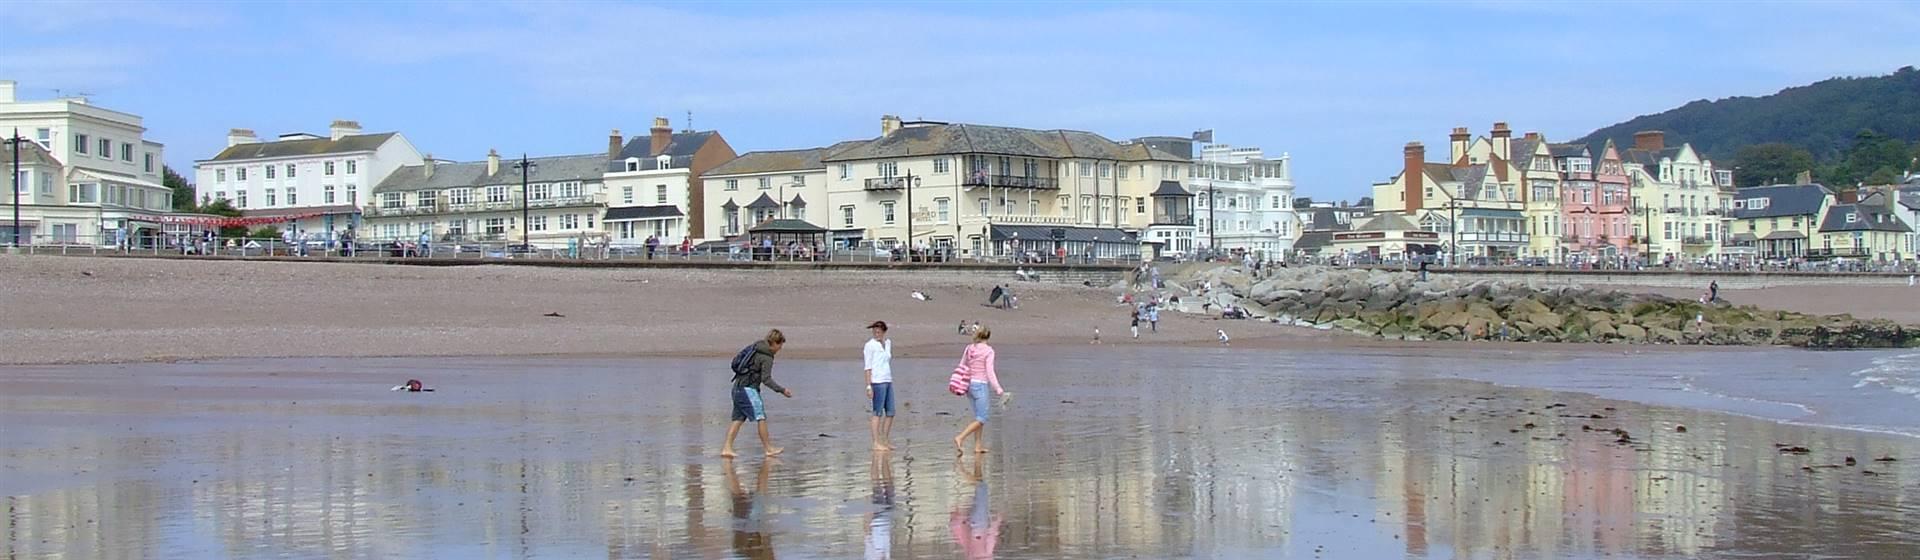 Sidmouth Long Weekend Break